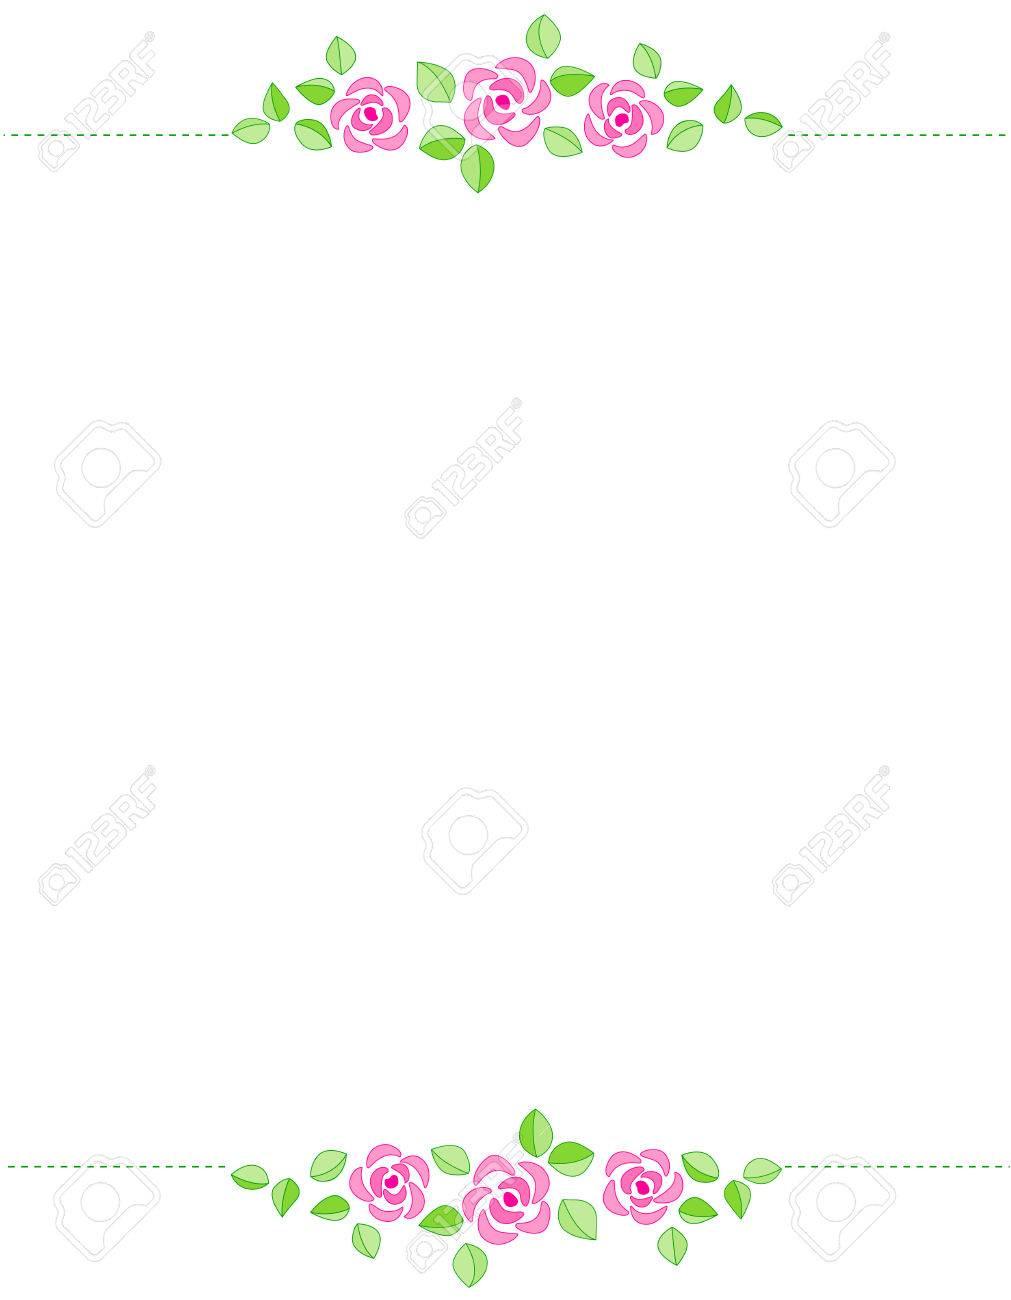 Großartig Brautparty Checkliste Ideen - Bilder für das Lebenslauf ...